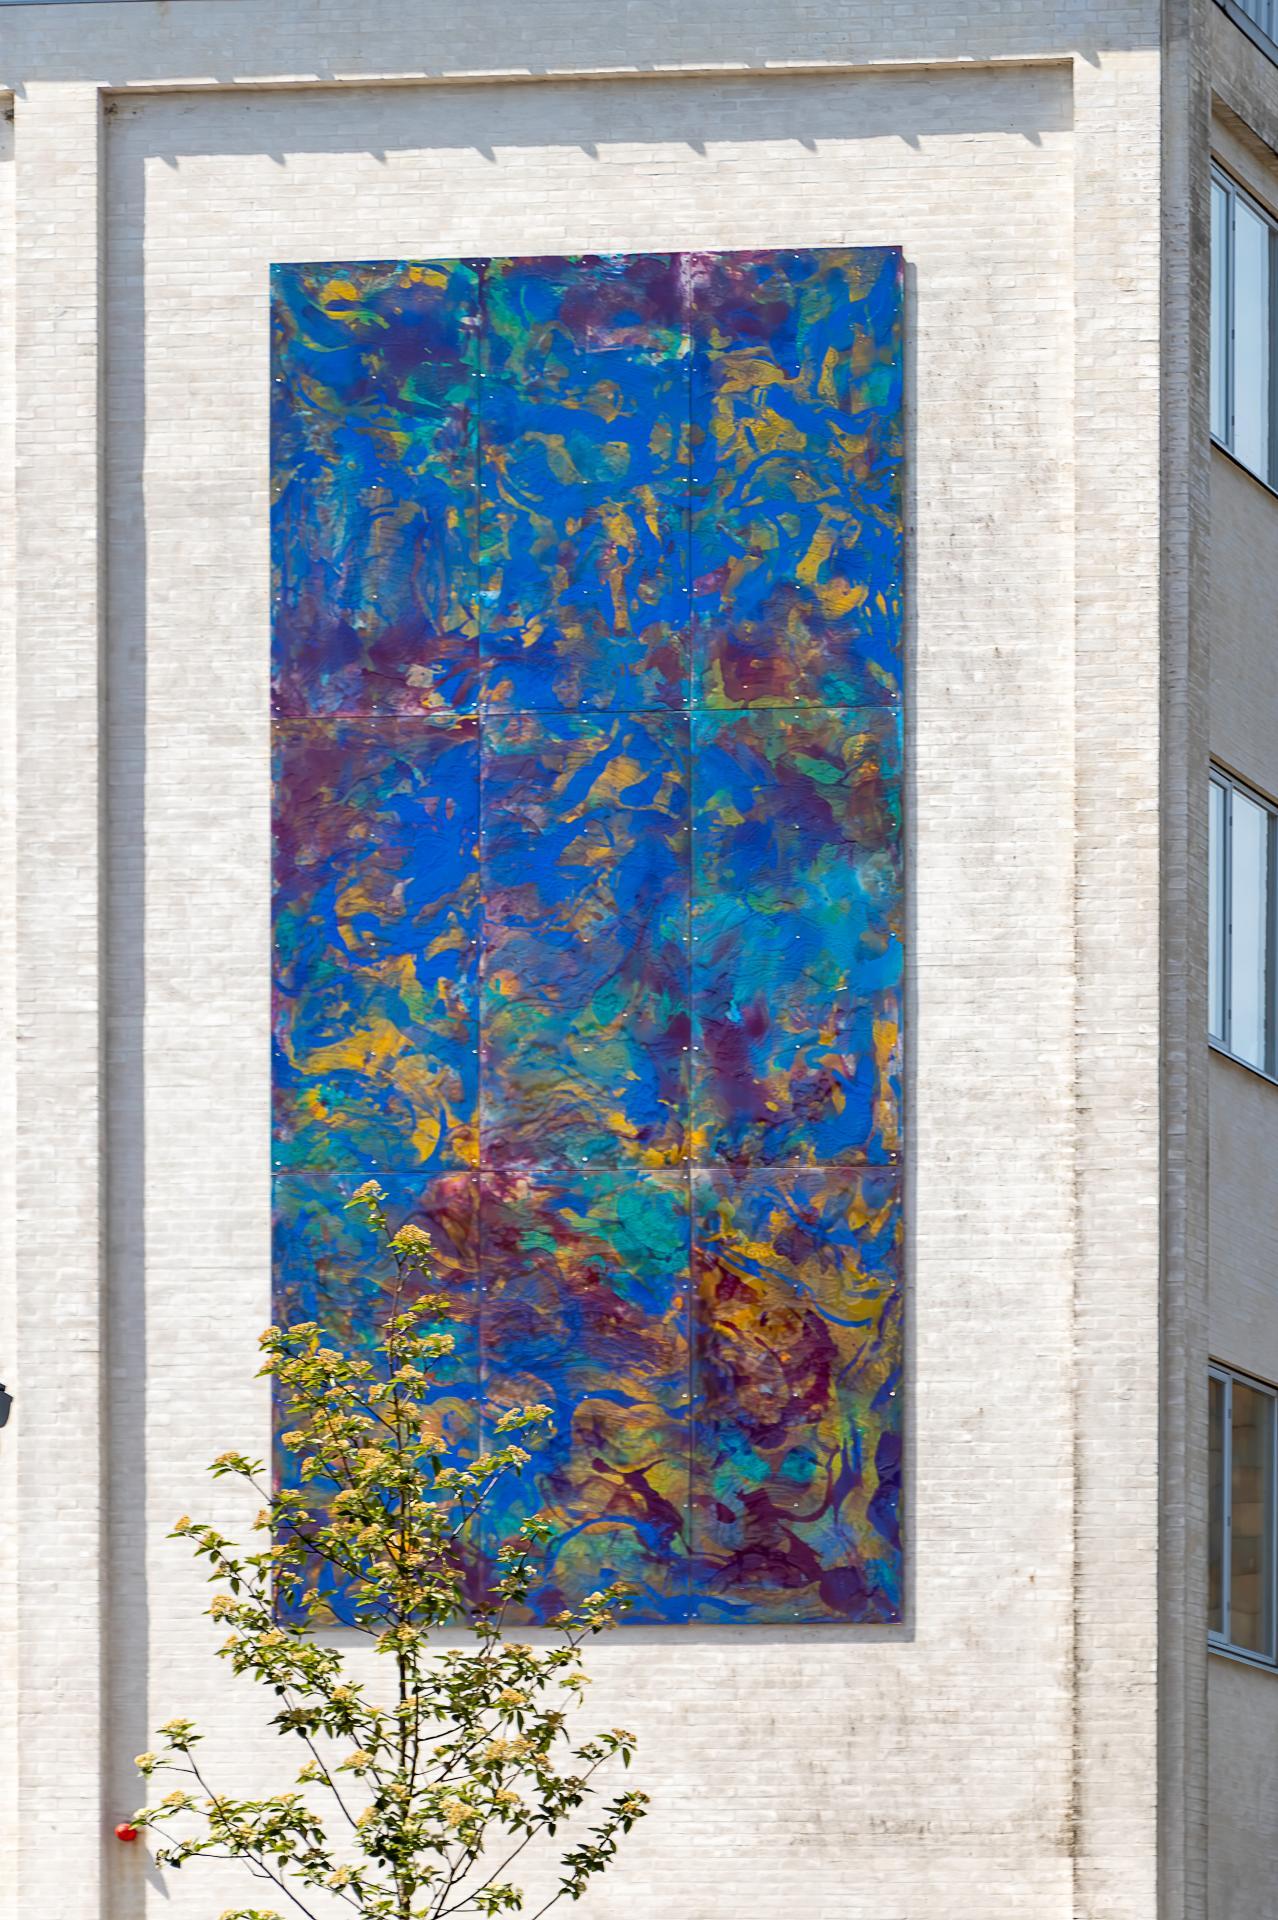 2020_Holbæk Art_Birk Bjørlo_Foto_Børgr Pedersen_2939-web